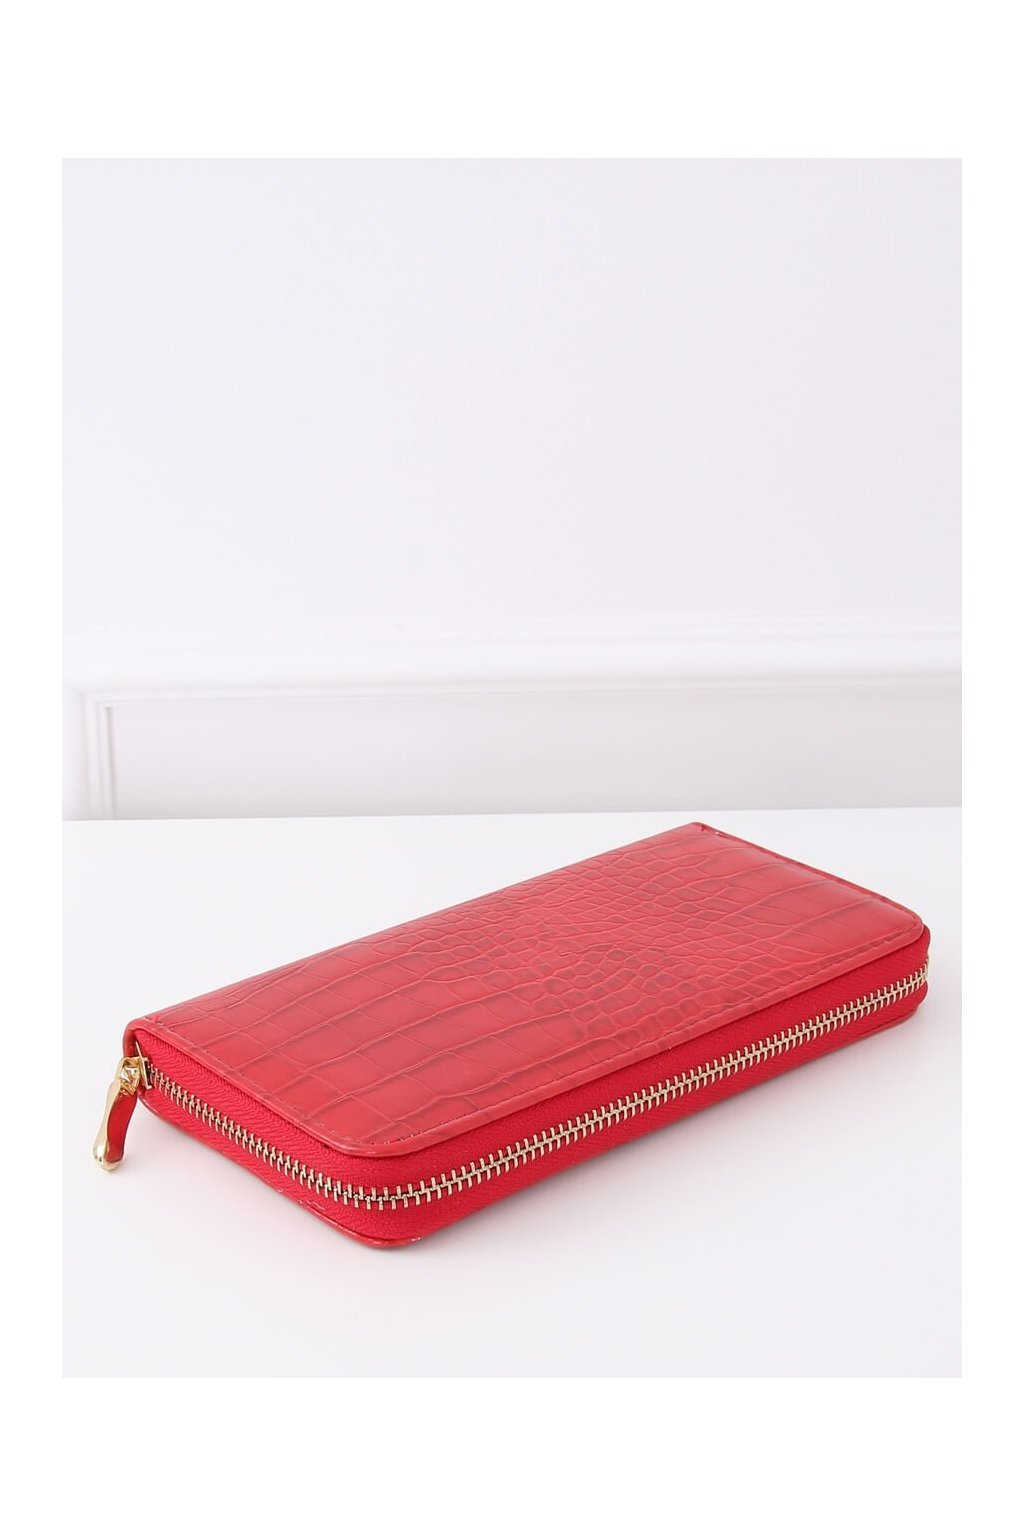 Dámska peňaženka červená NJSK PF-2019-012